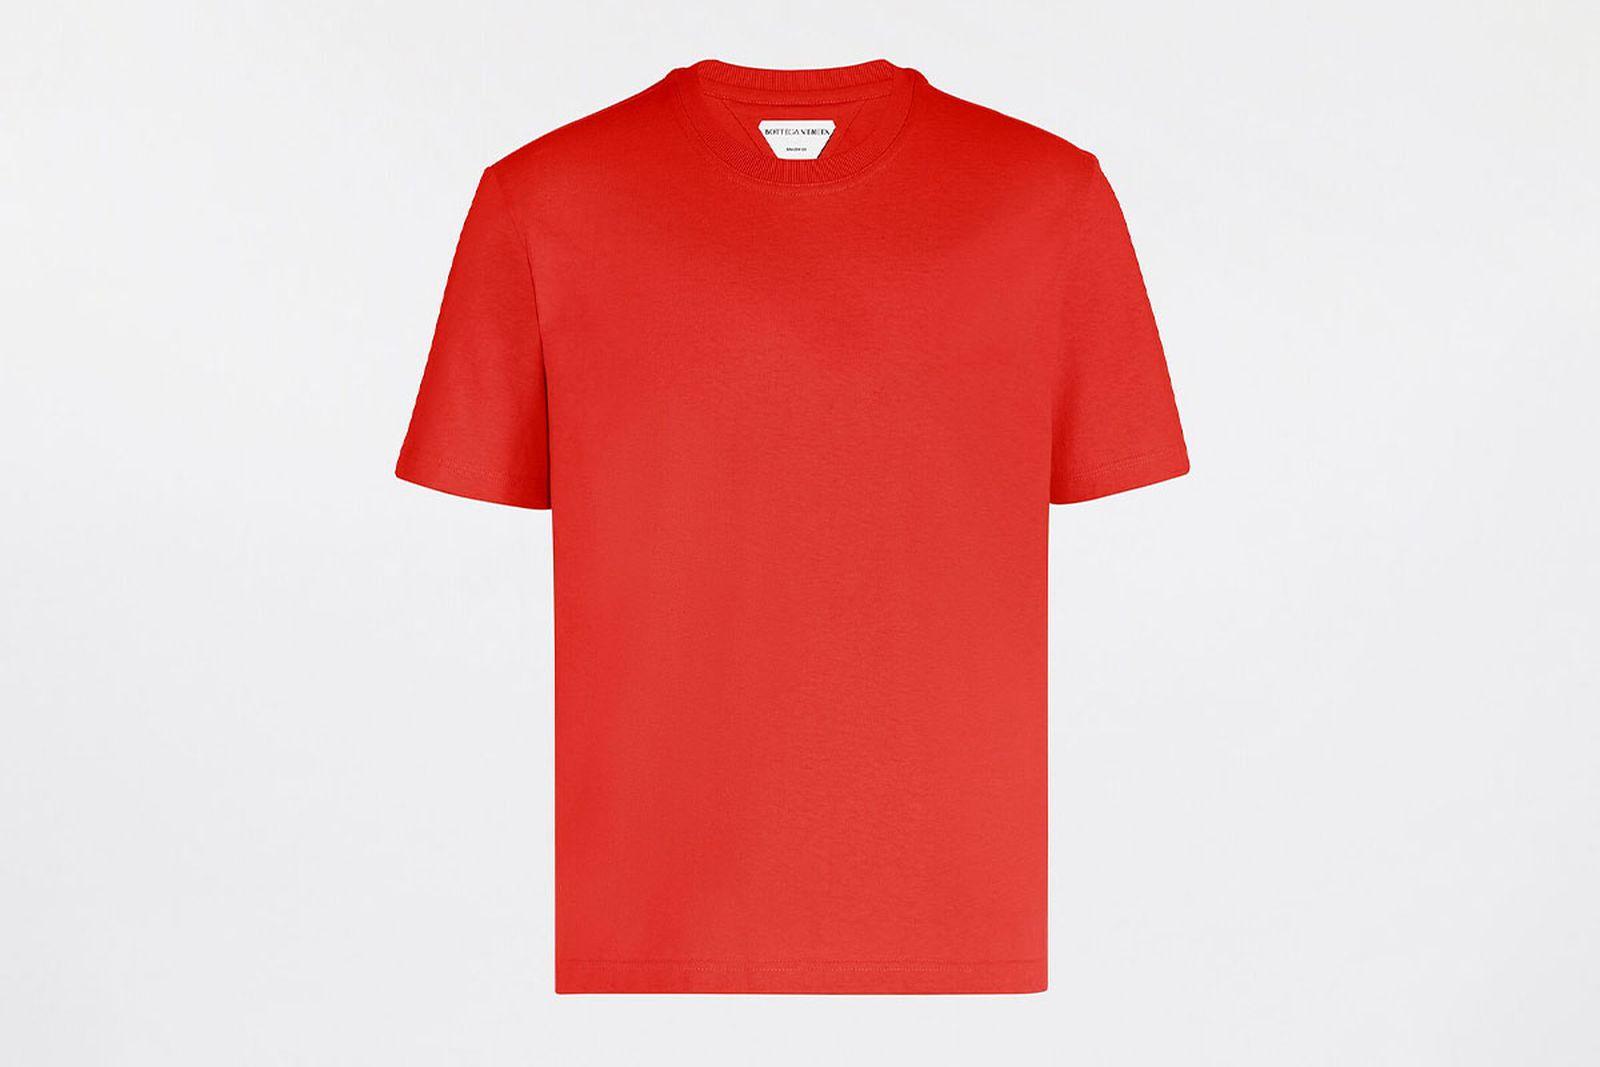 bottega-veneta-plain-t-shirt-02